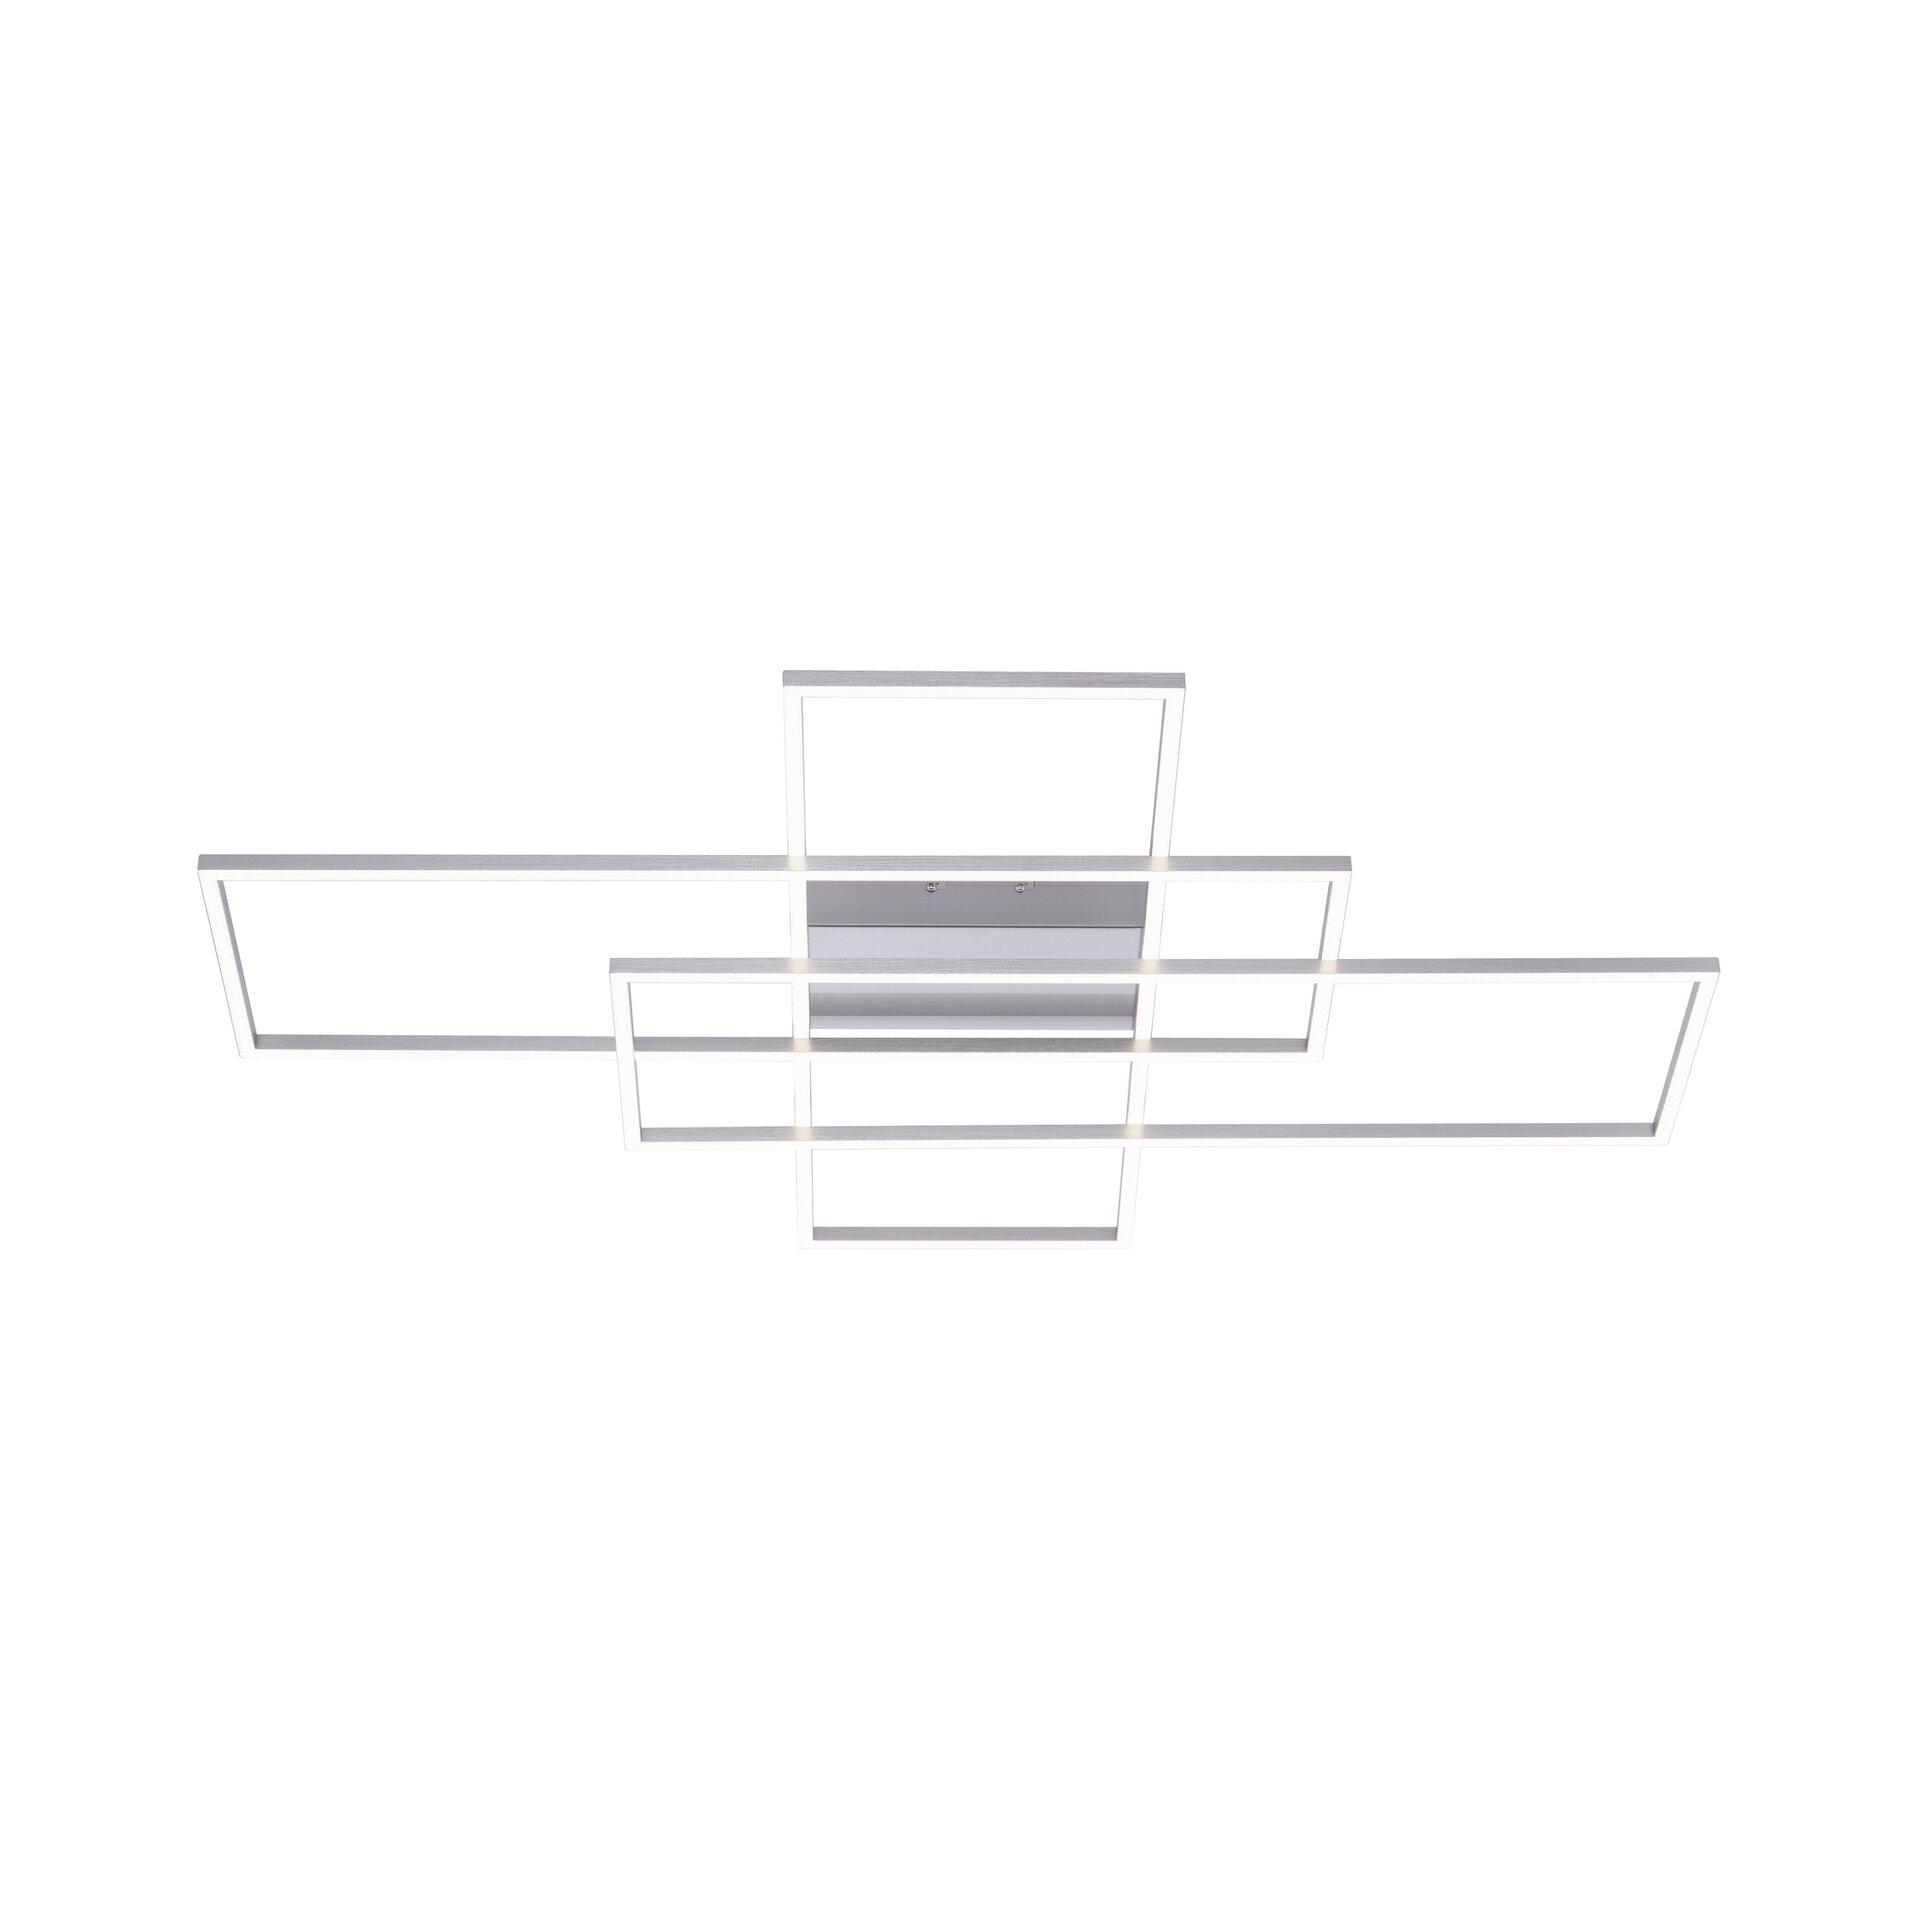 Smart-Home-Leuchten Q-INIGO Paul Neuhaus Metall silber 75 x 8 x 101 cm